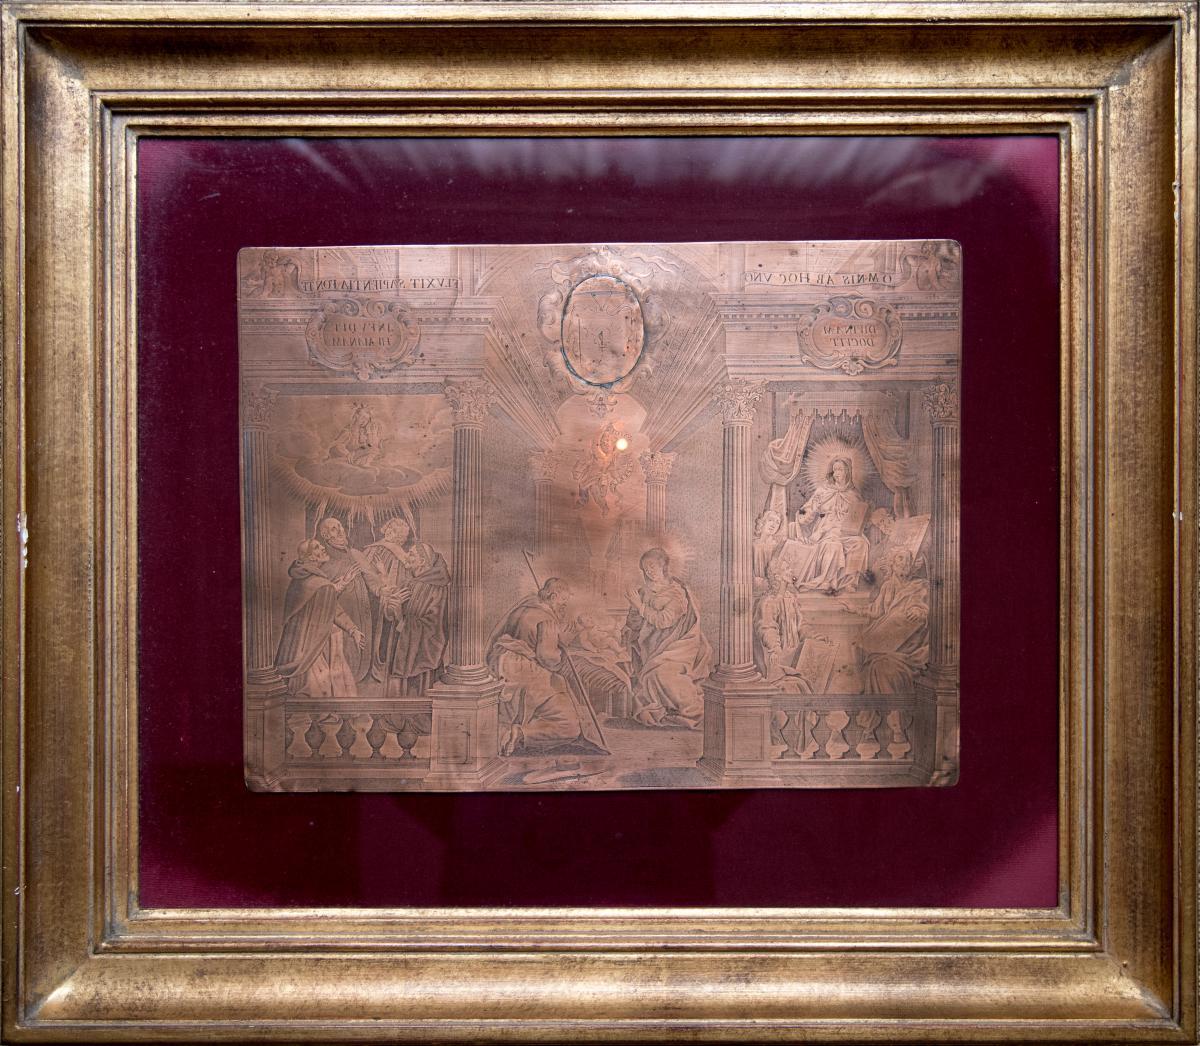 Engraved Copper Matrix By Louis Spirinx (1596-1669)